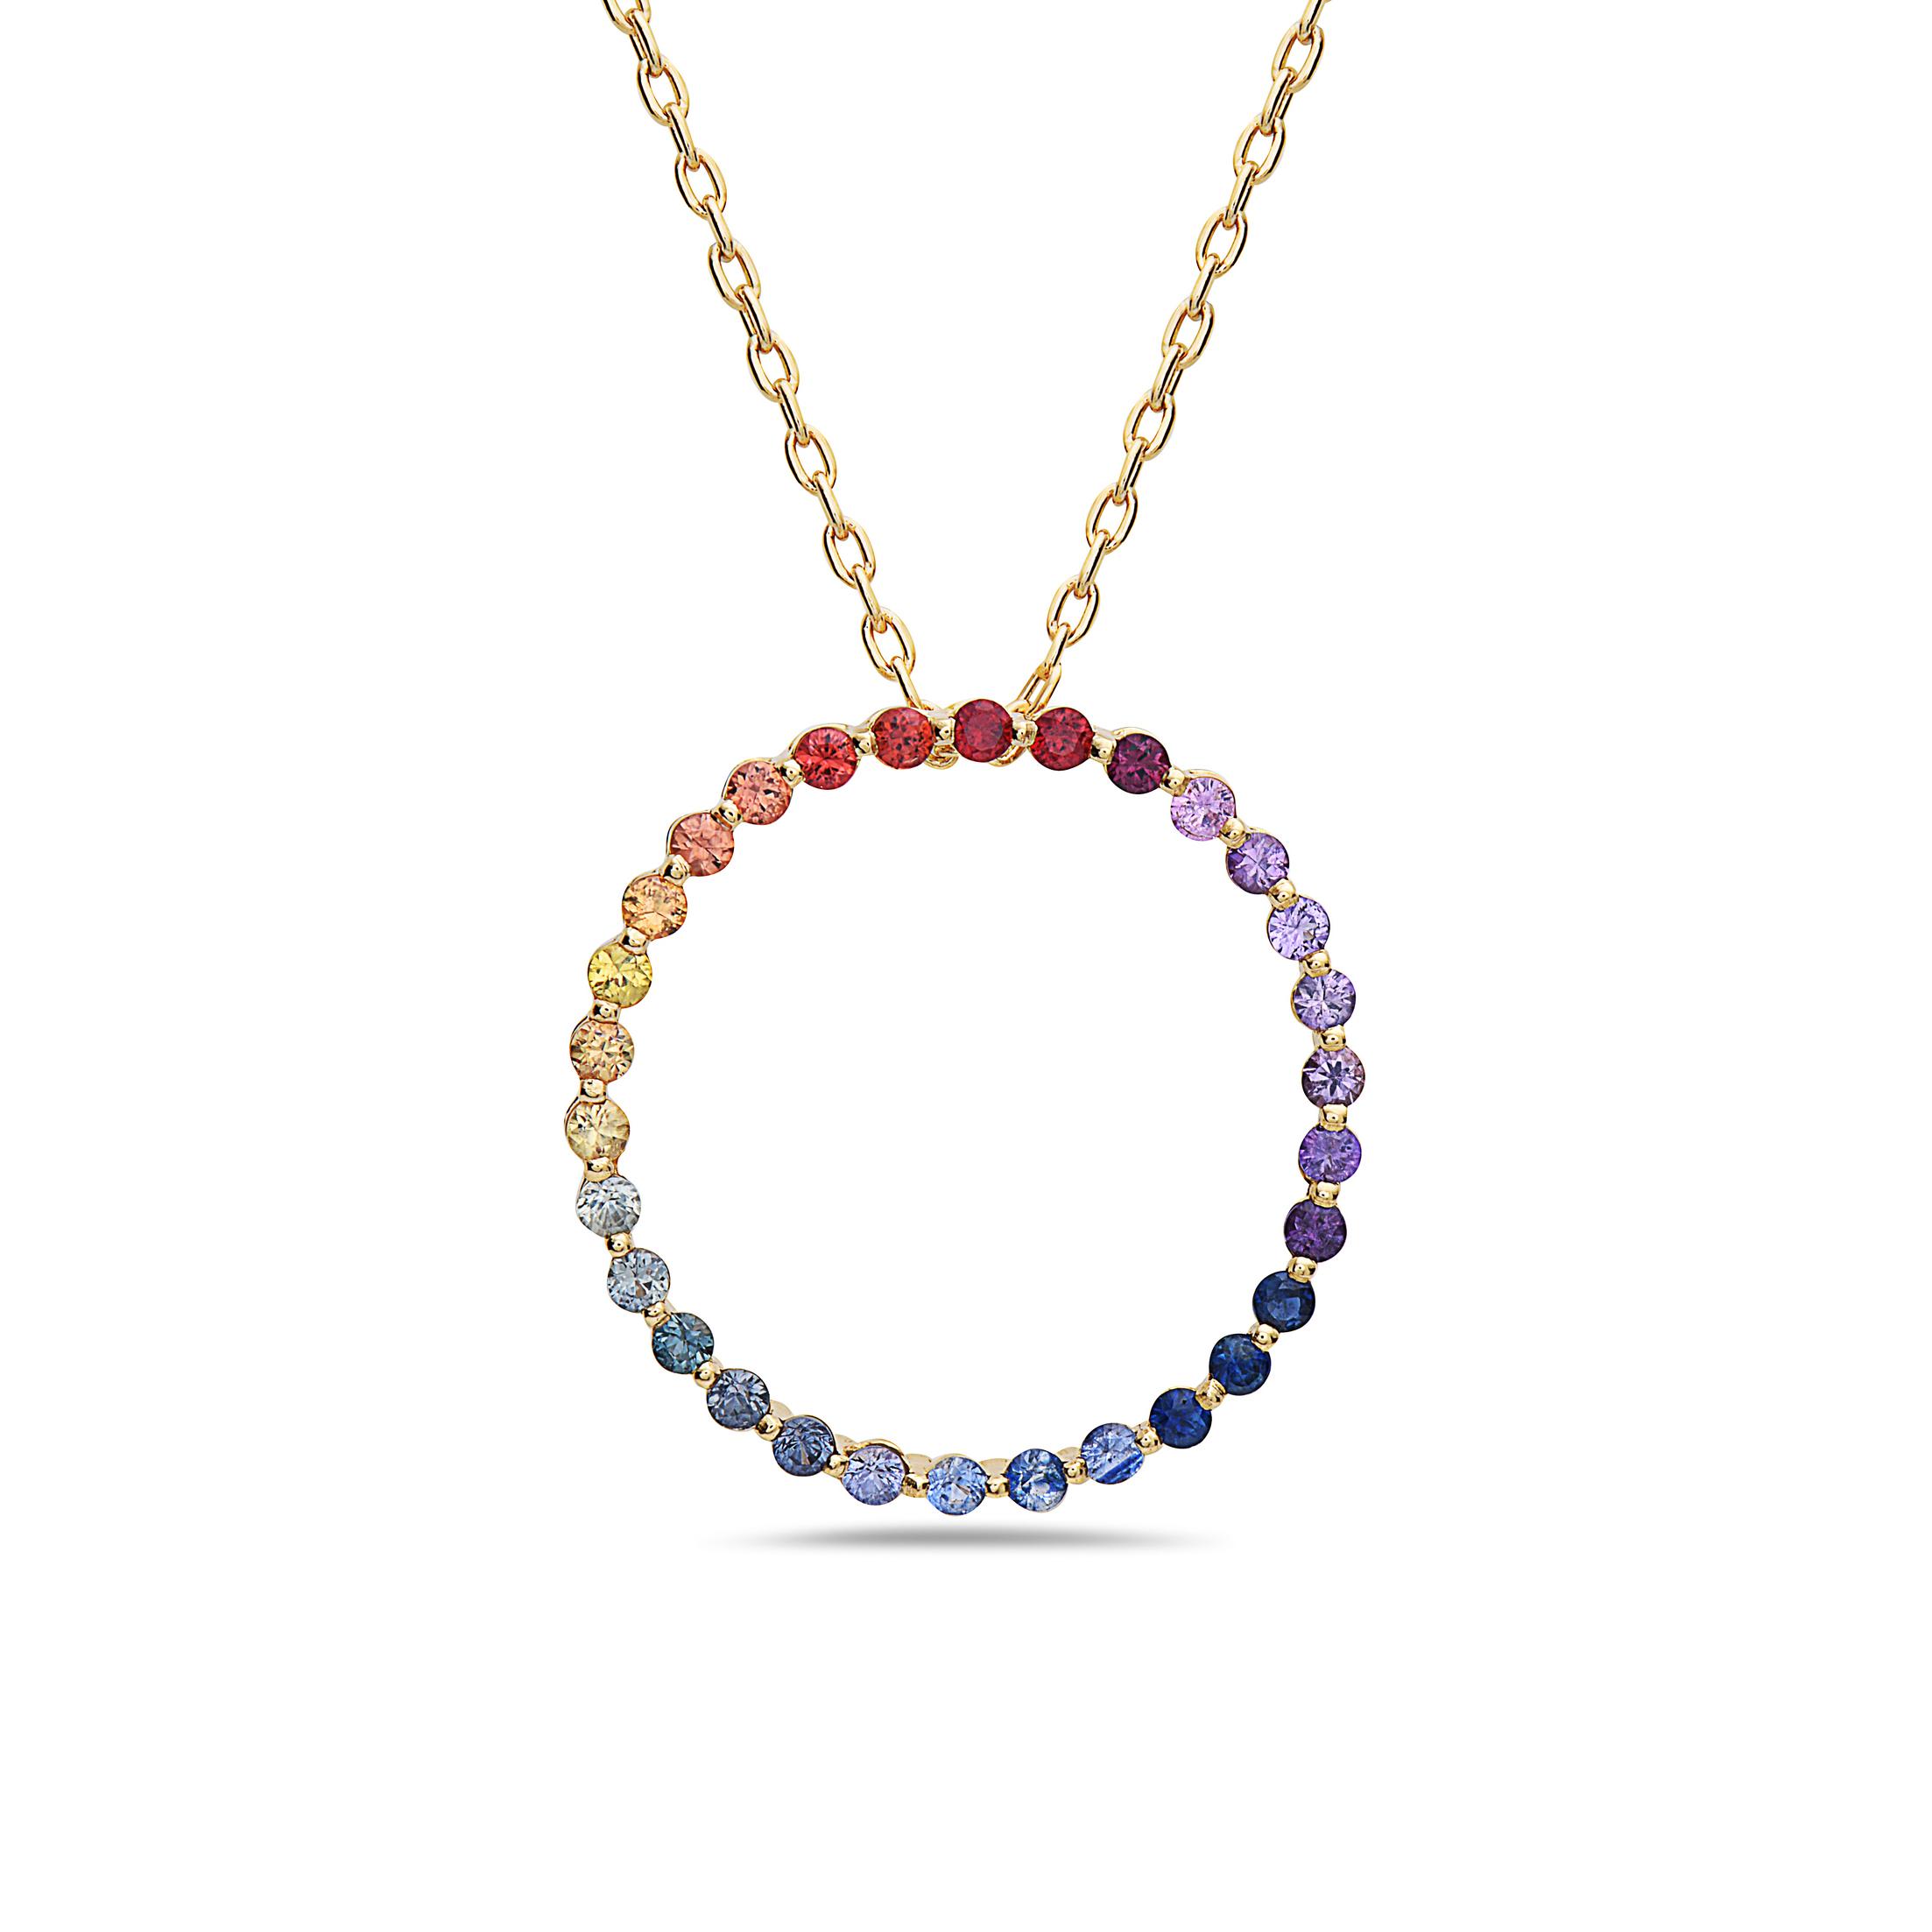 Pendantif Círculo Multicolor